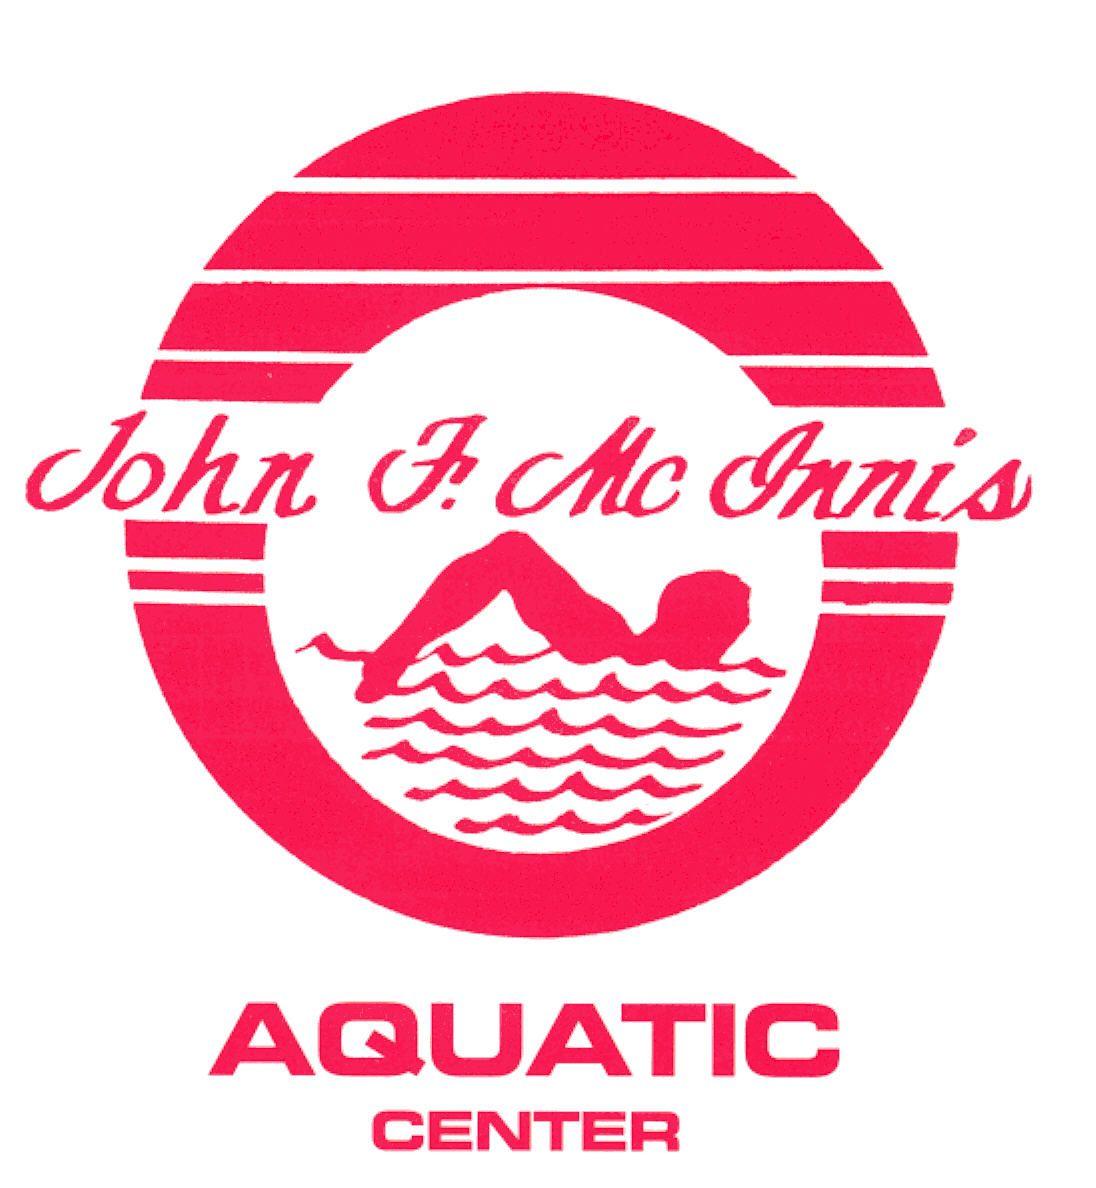 John f mcinnis aquatics center concord nc parks and